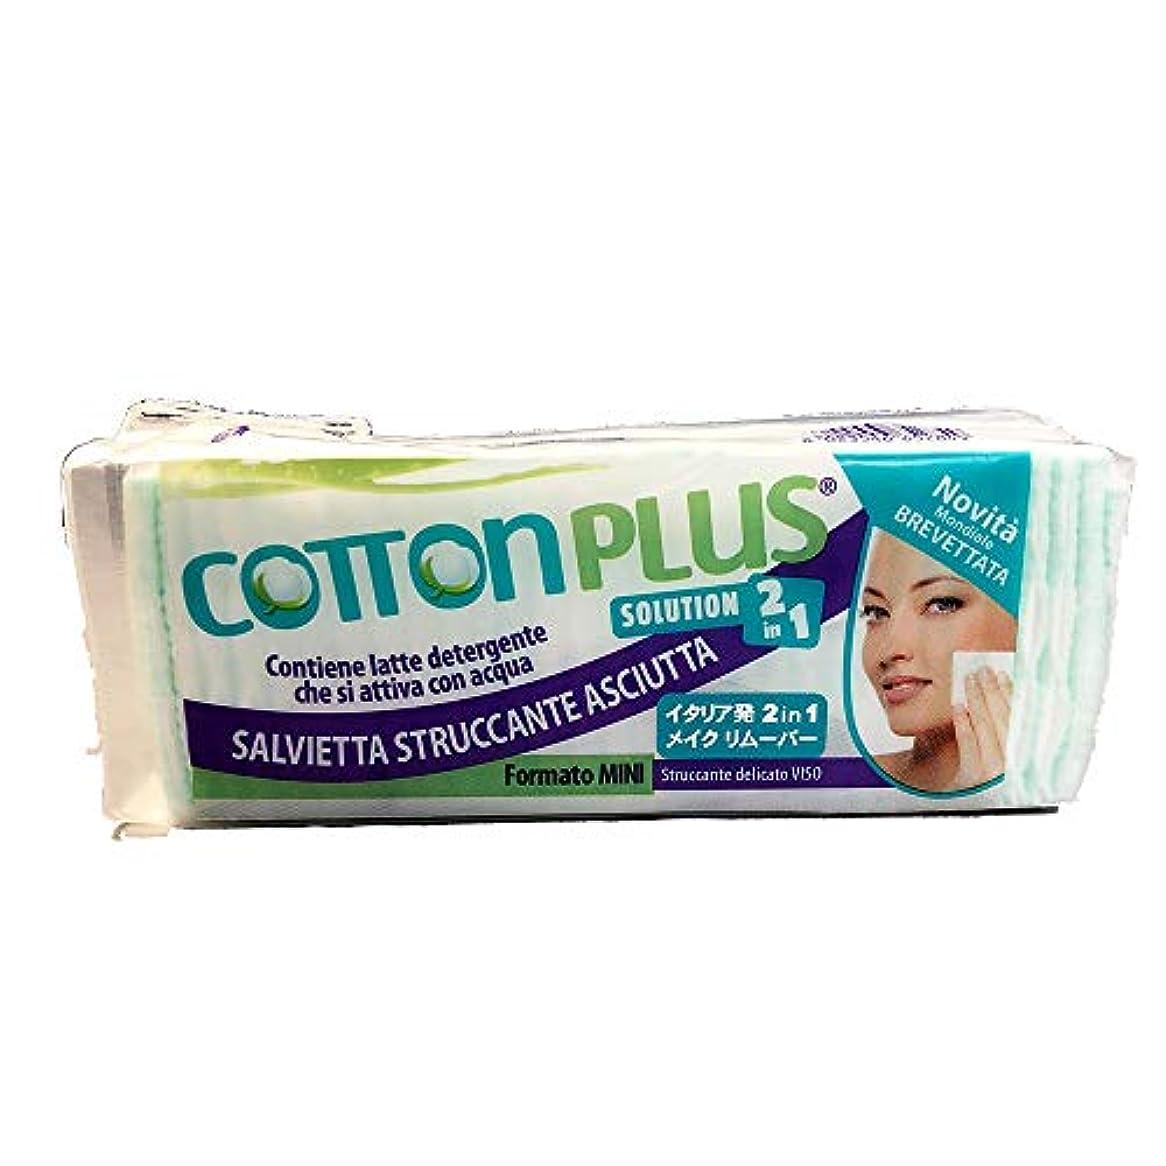 受け入れた太いうまくいけばクレンジングコットン メイク落とし コットンプラス COTTON PLUS SOLUTION 2 IN 1 ミニサイズ(60枚入り) 保湿 化粧水